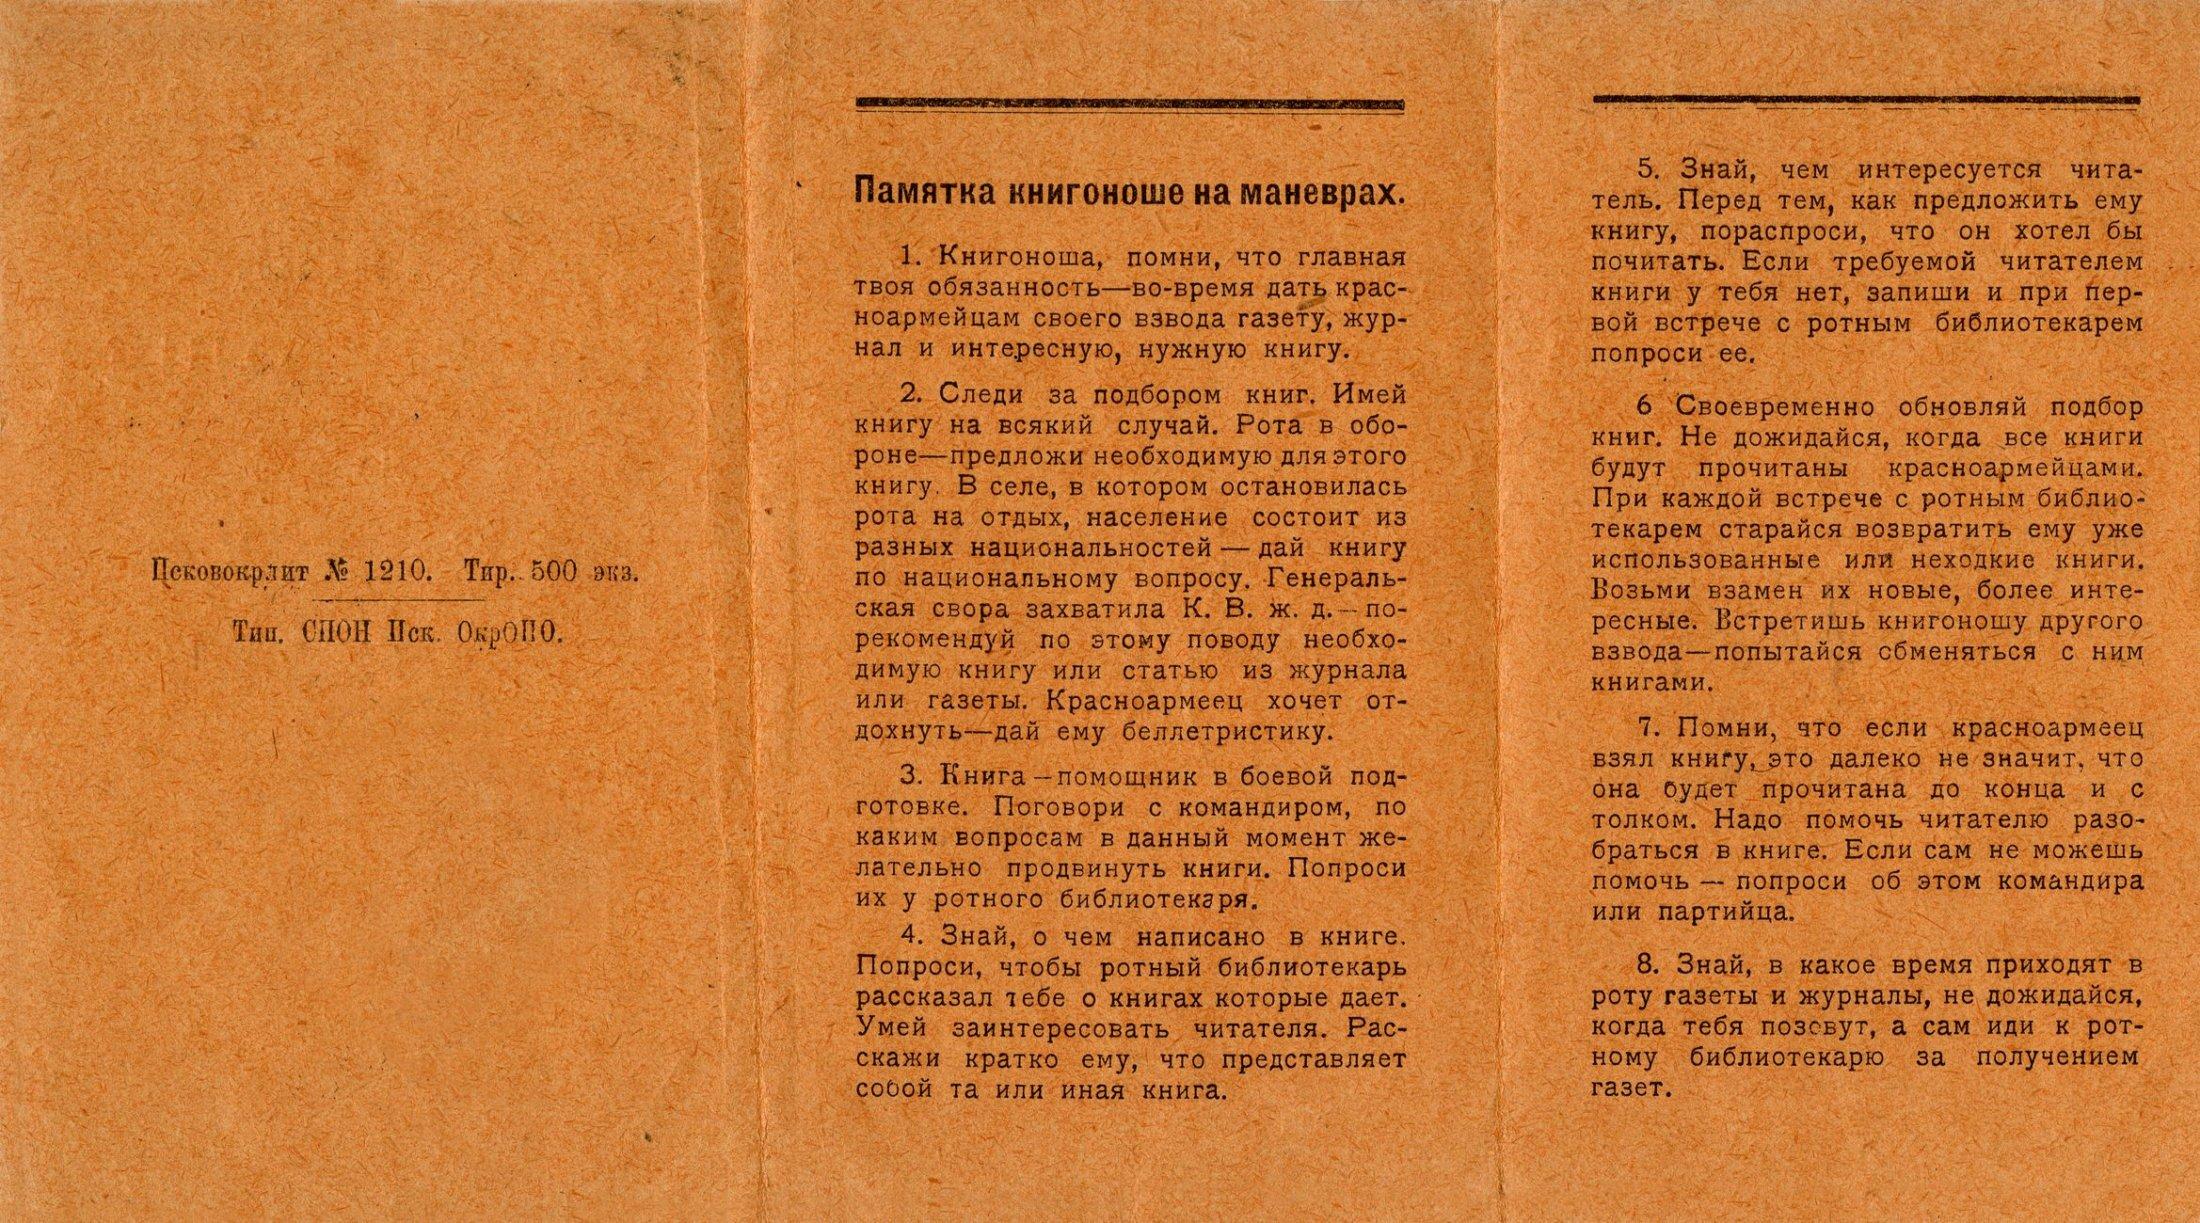 Памятка Книгоноше. 1 сторона